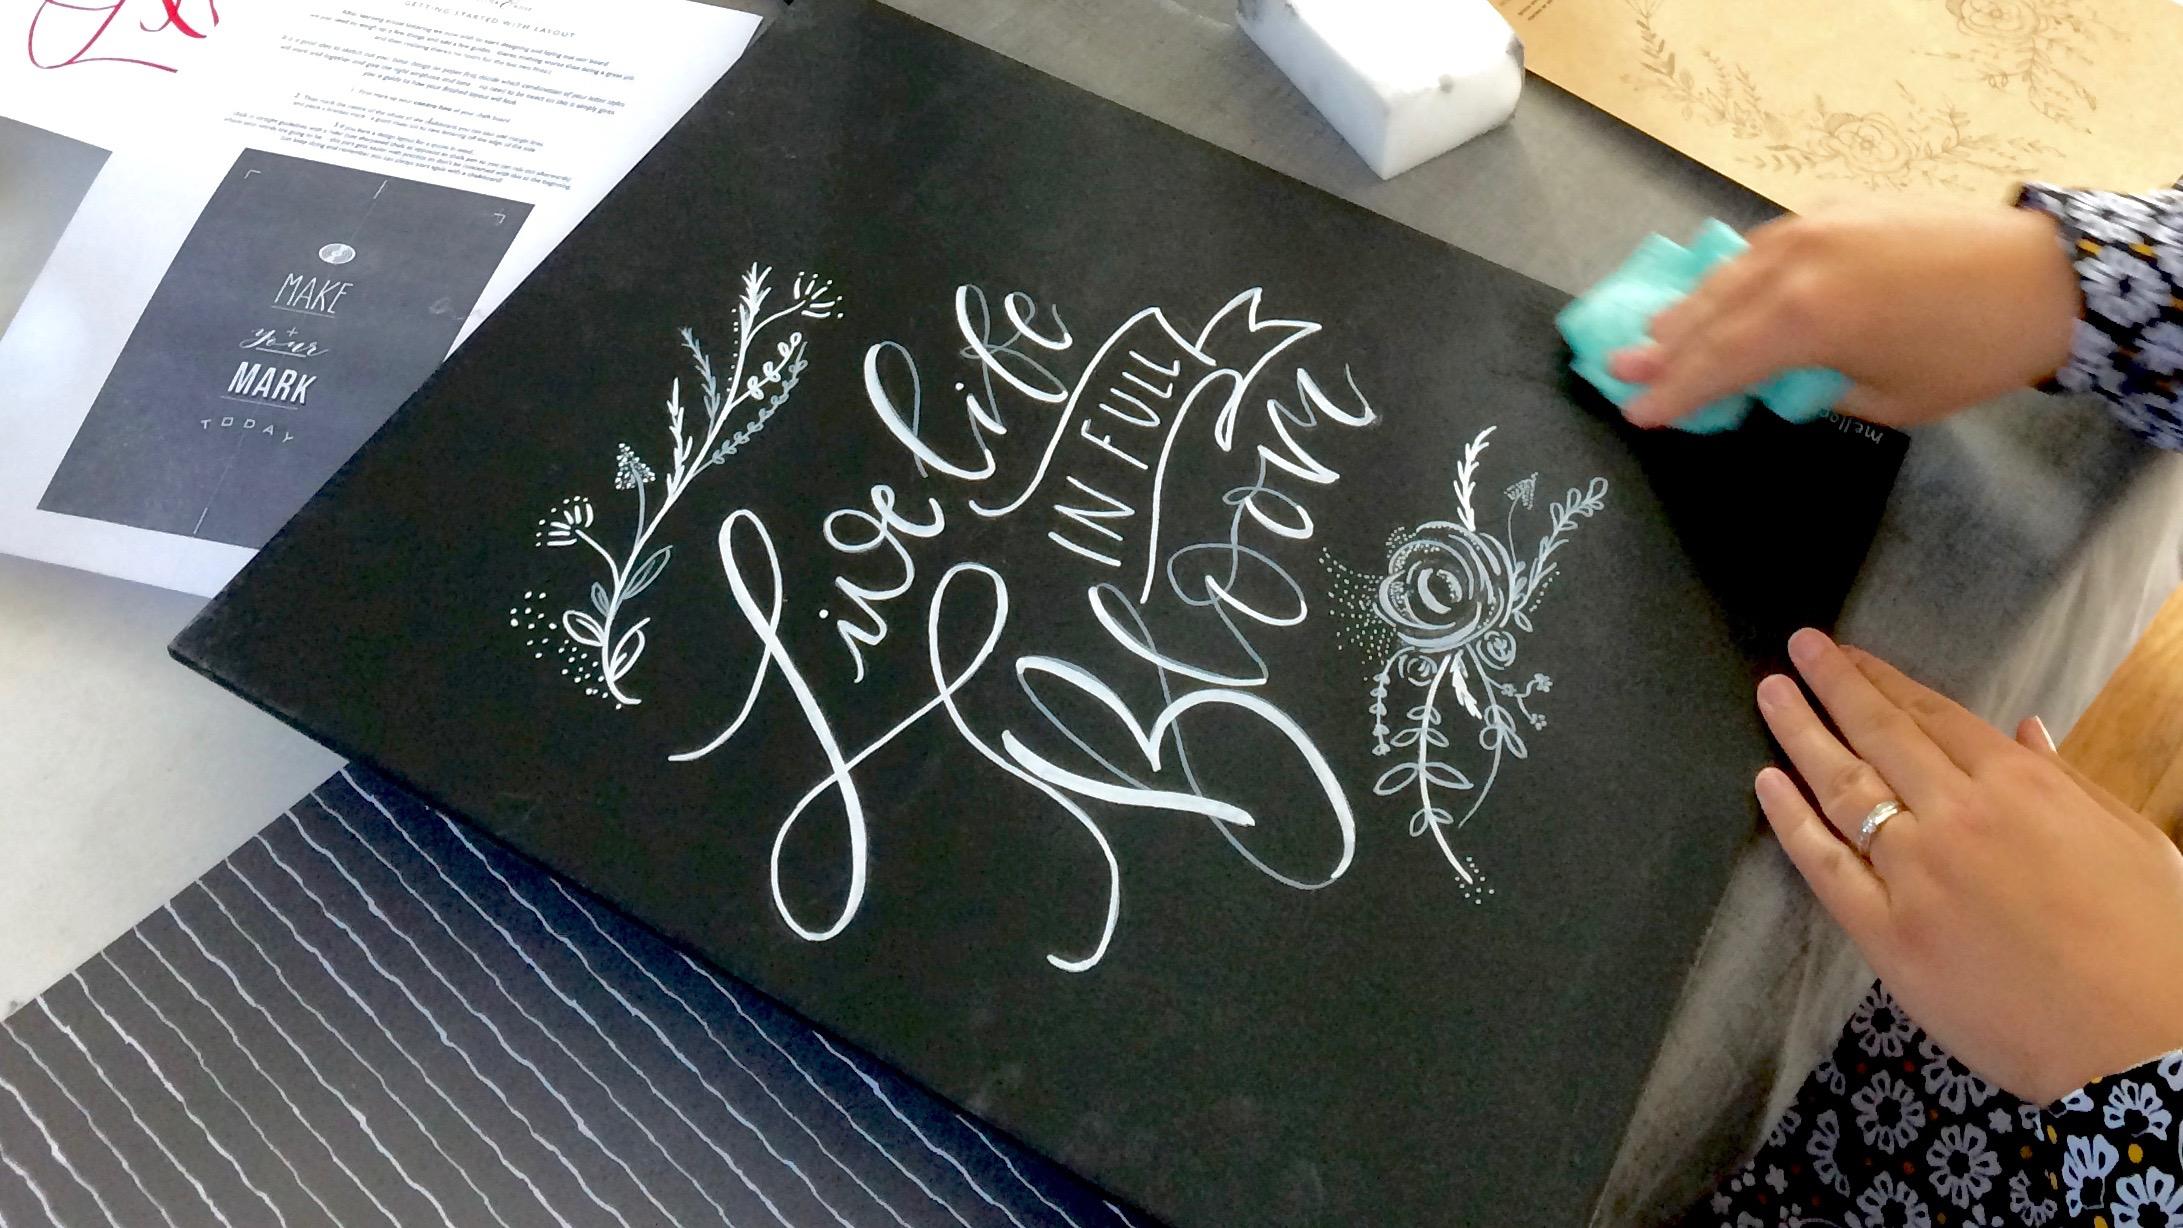 Chalk Lettering workshop with Mellor & Rose